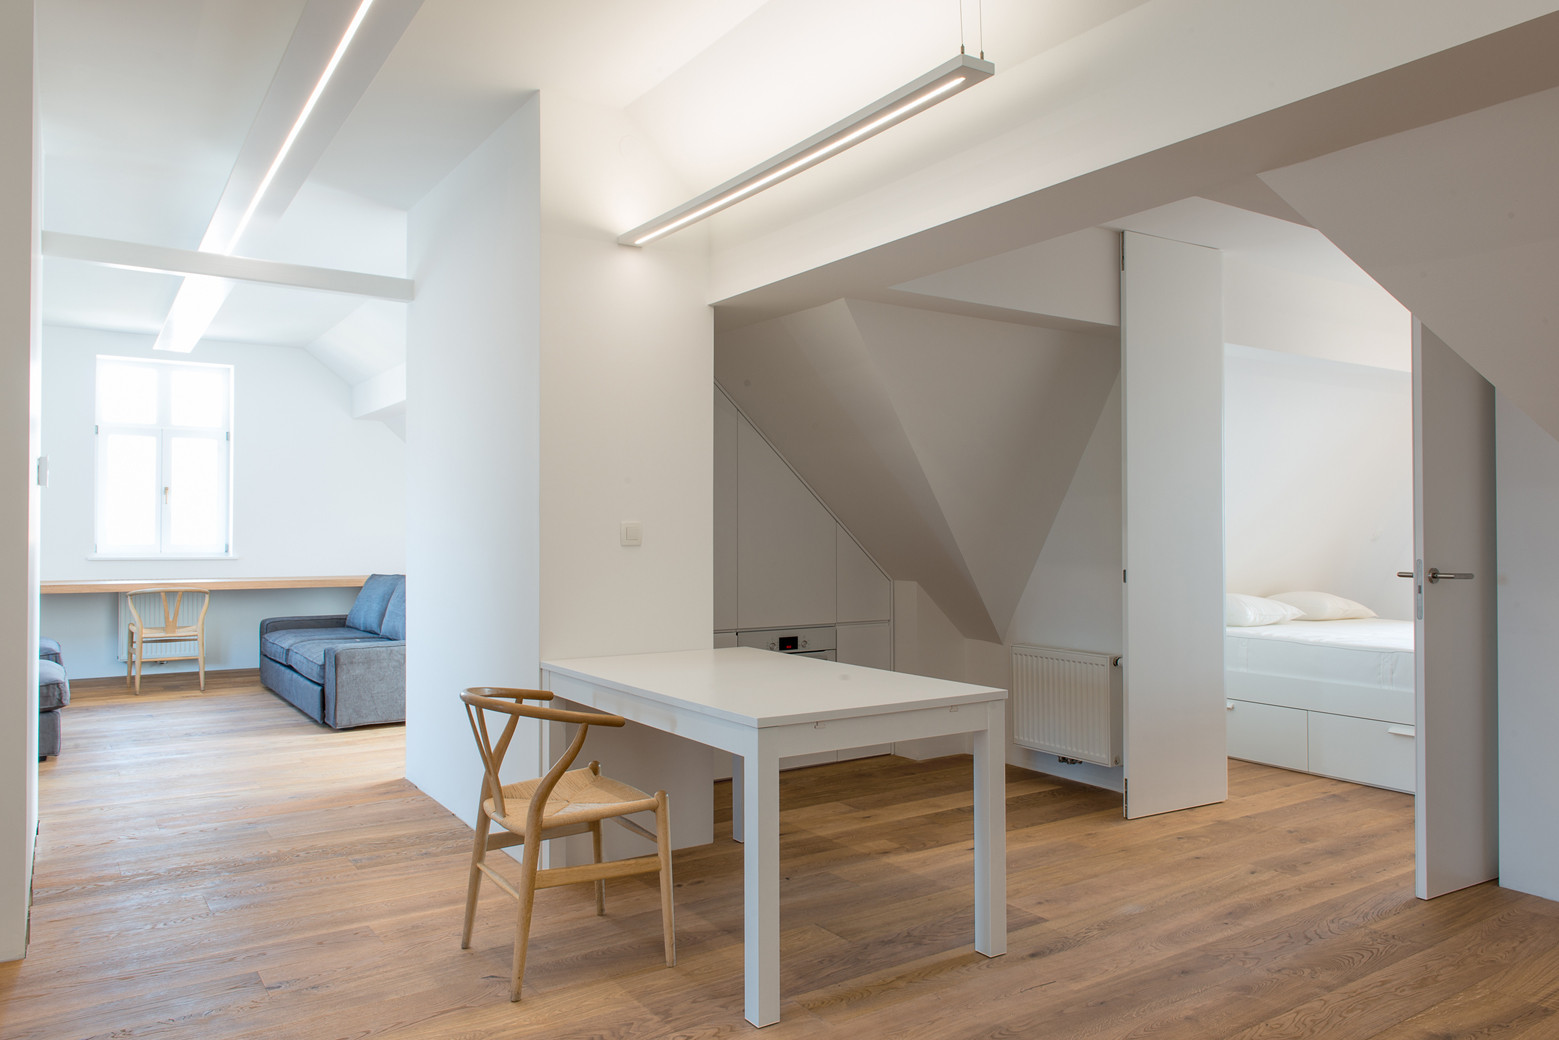 Attic Apartment Bled / Arhitektura d.o.o., © Jure Goršič